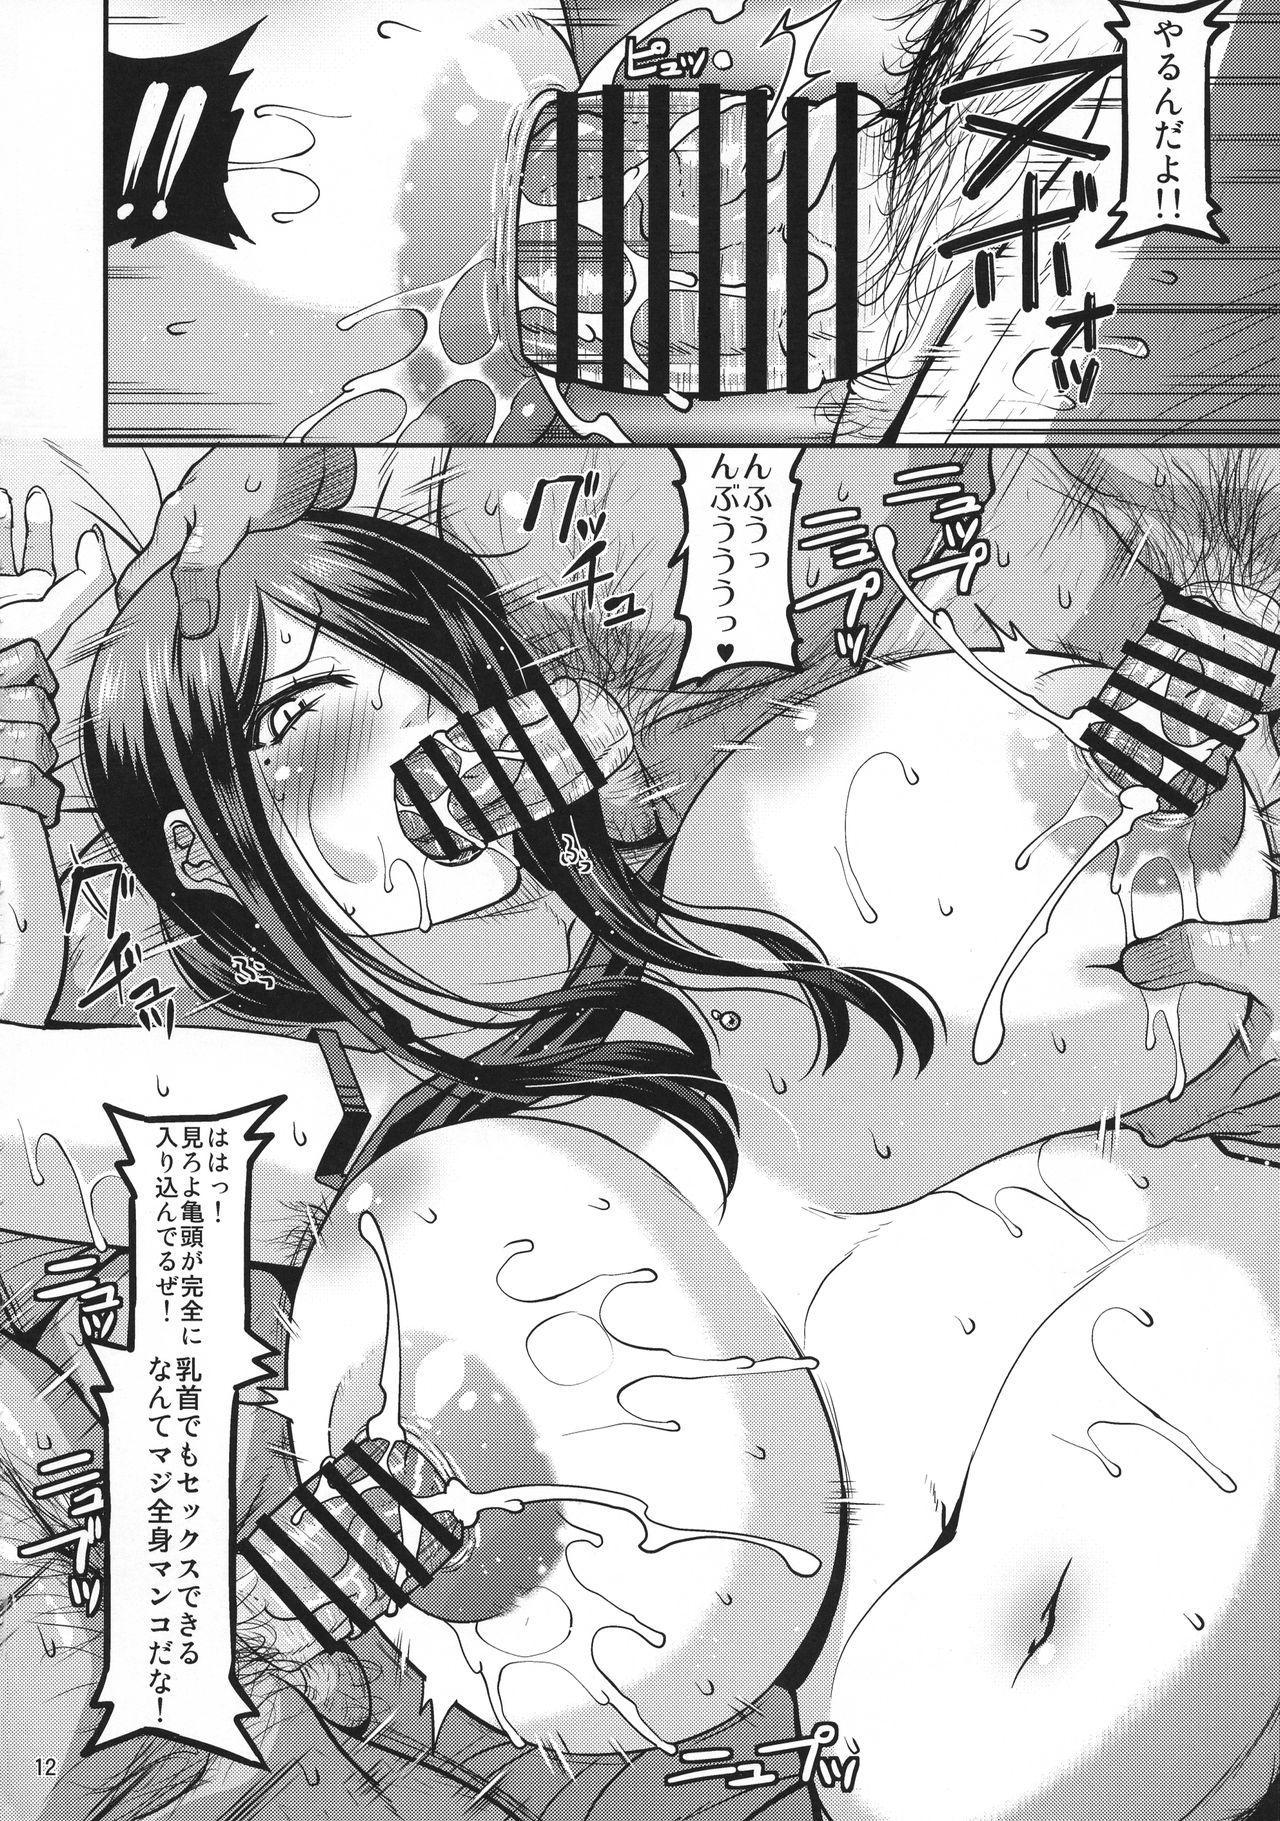 Ero Douga Haishin ga Shumi no Okusan no Namahame Rankou Koukai Mazo Benki 11